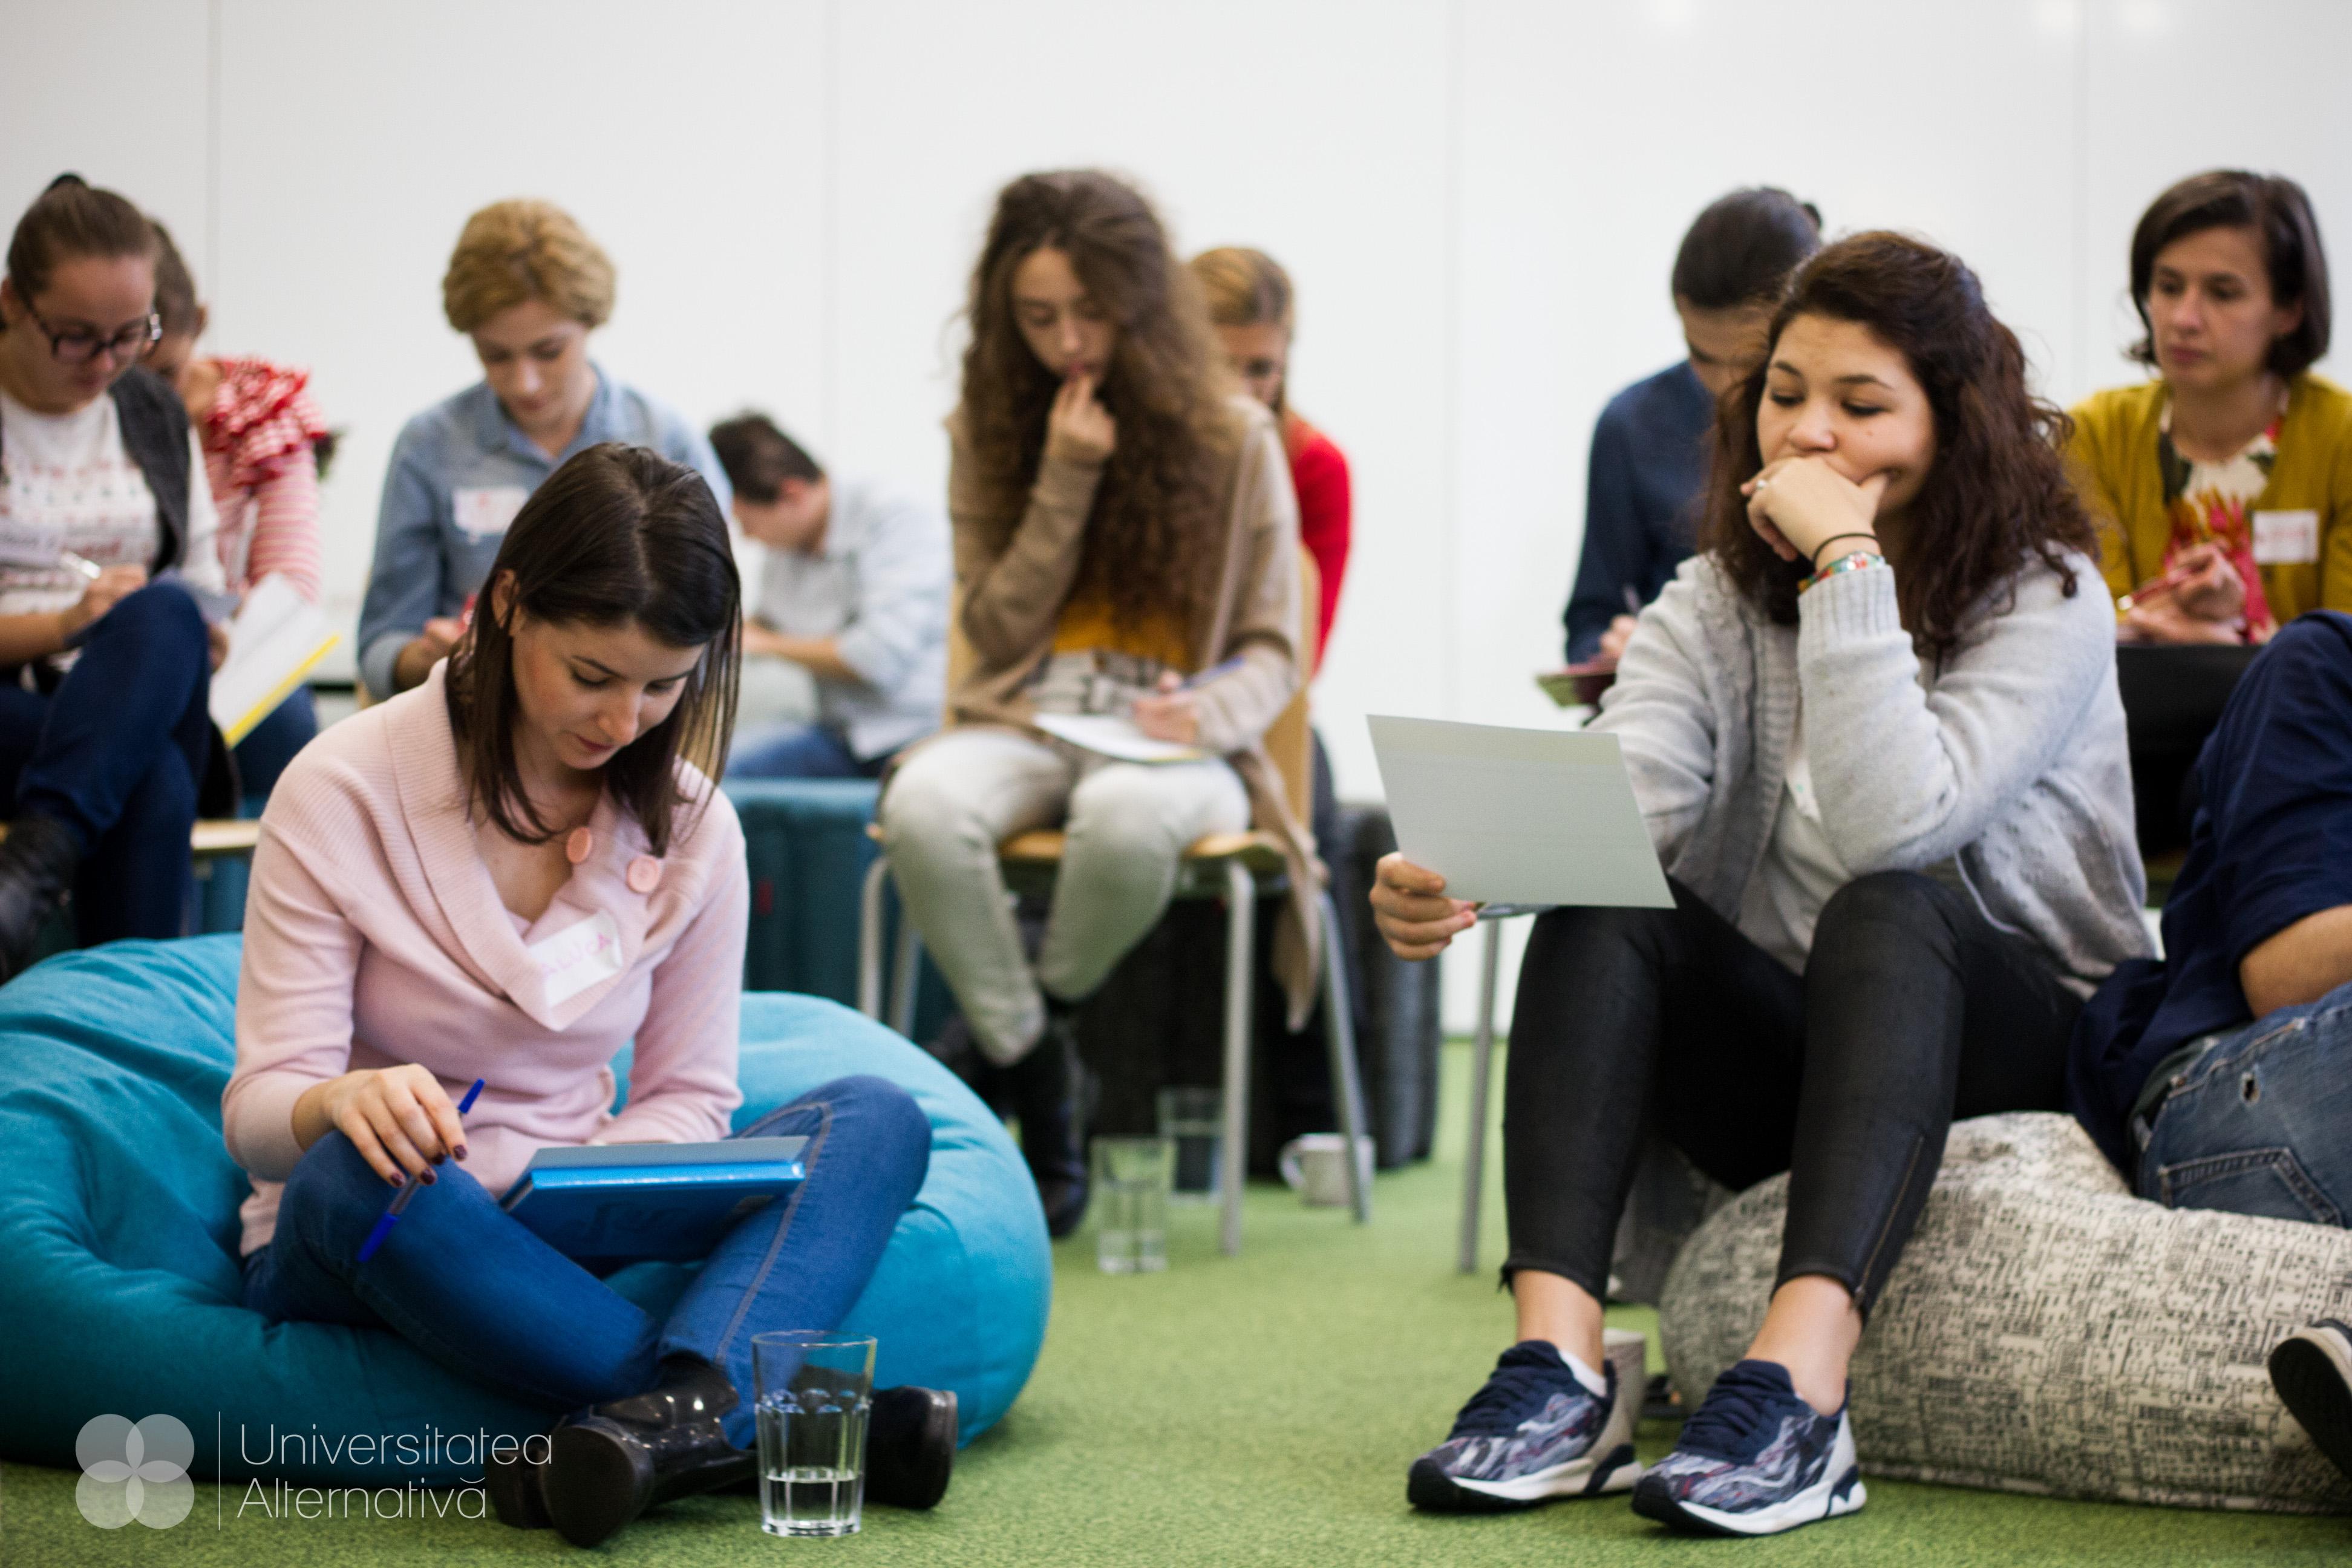 Ce fac dacă vreau să fiu student alternativ, dar nu îmi permit?